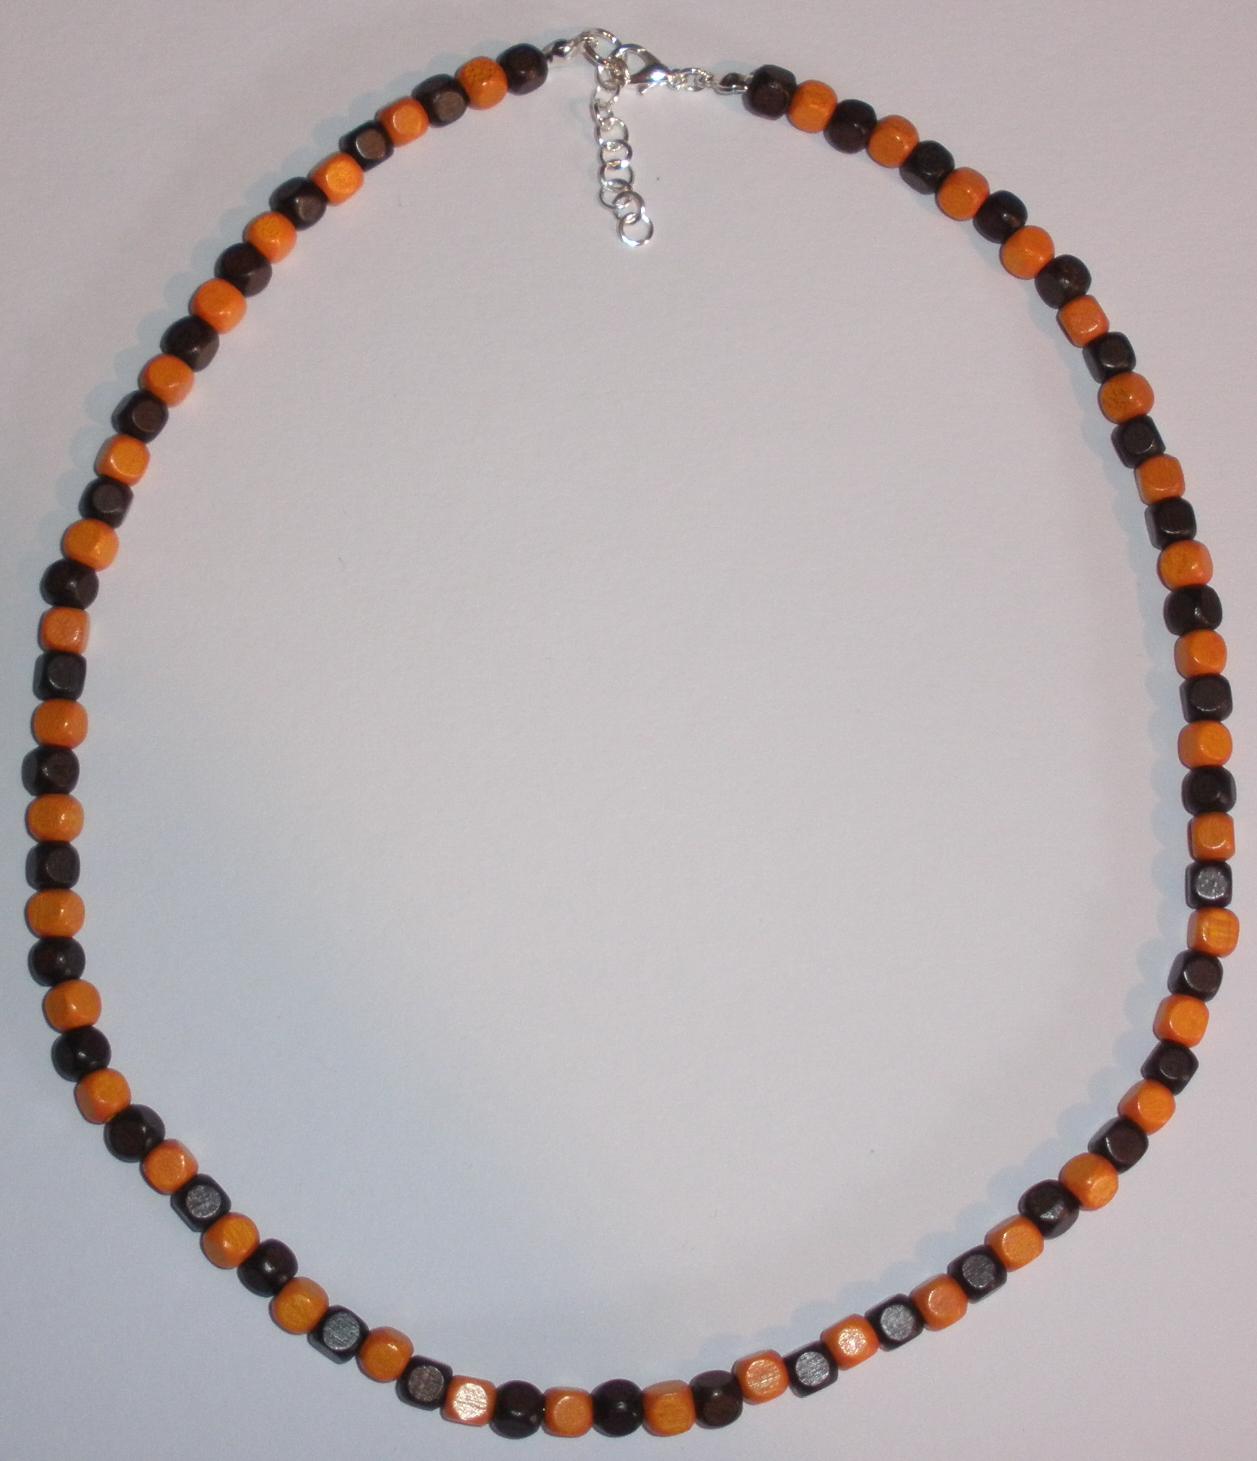 Pánský náhrdelník z dřevěných korálků oranžovo-hnědý (P1) fbdc754ad82